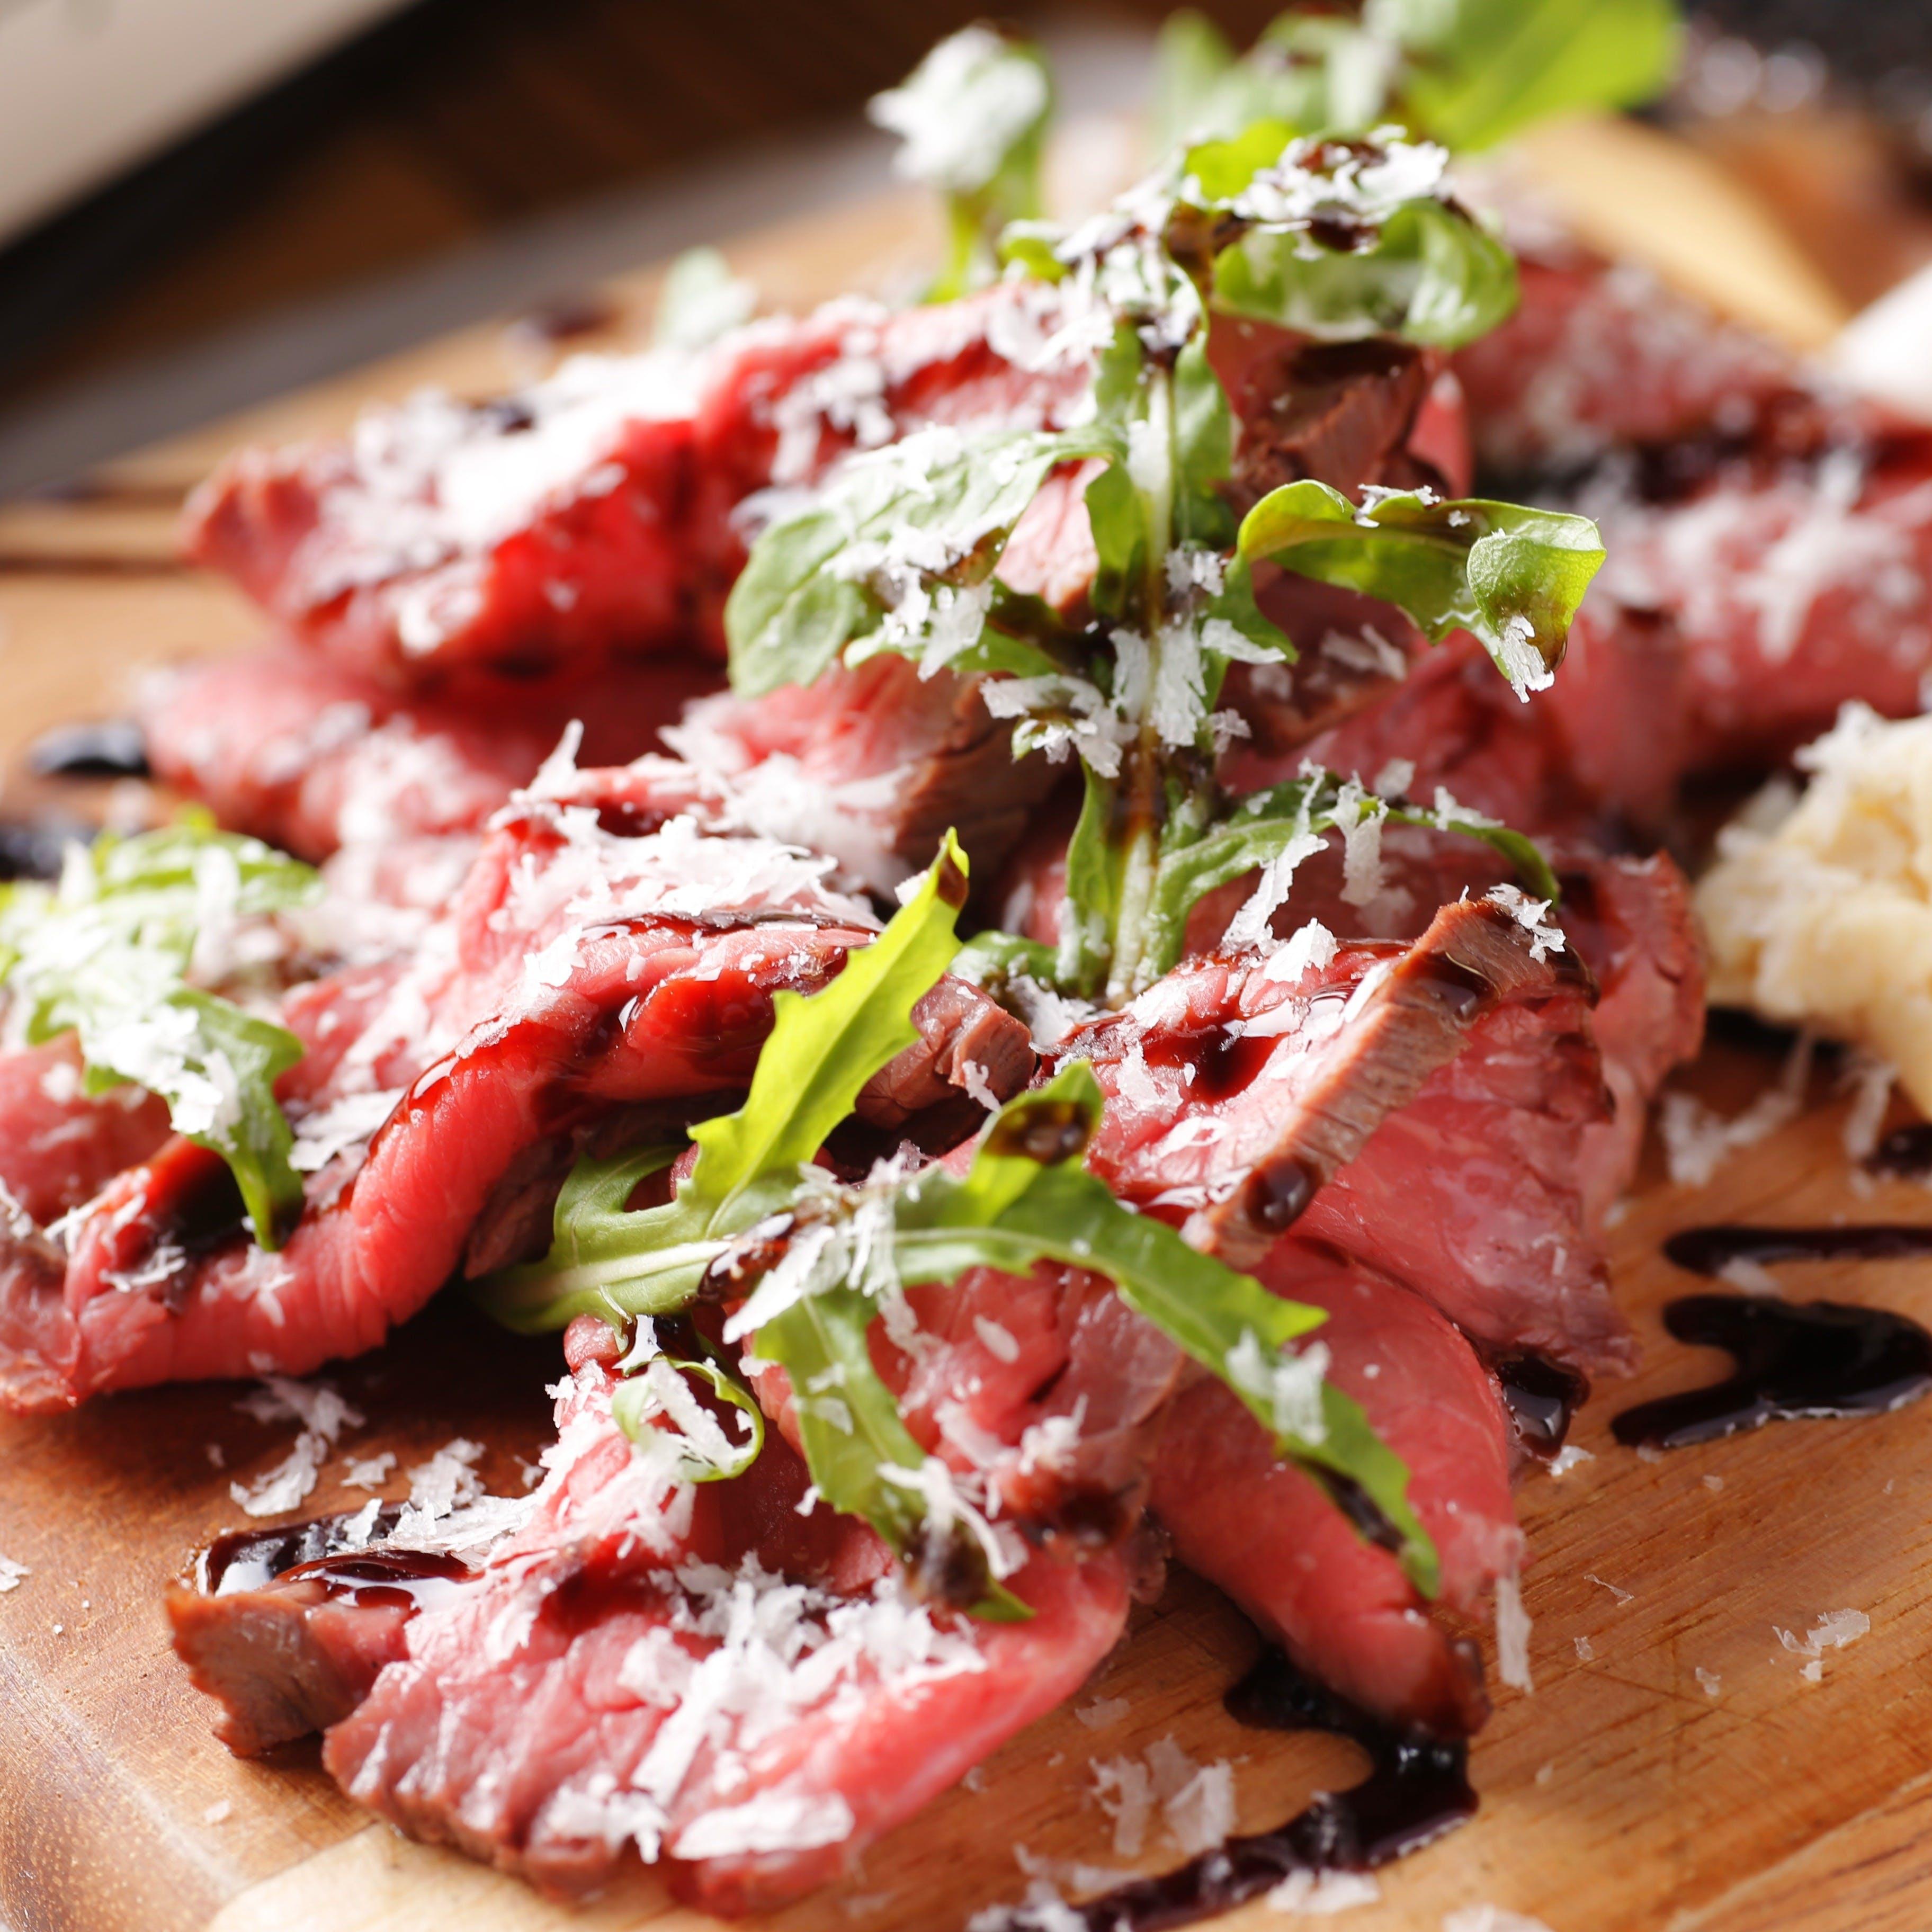 本場を越える豪快な肉料理やLAのトレンドをカジュアルにご提供